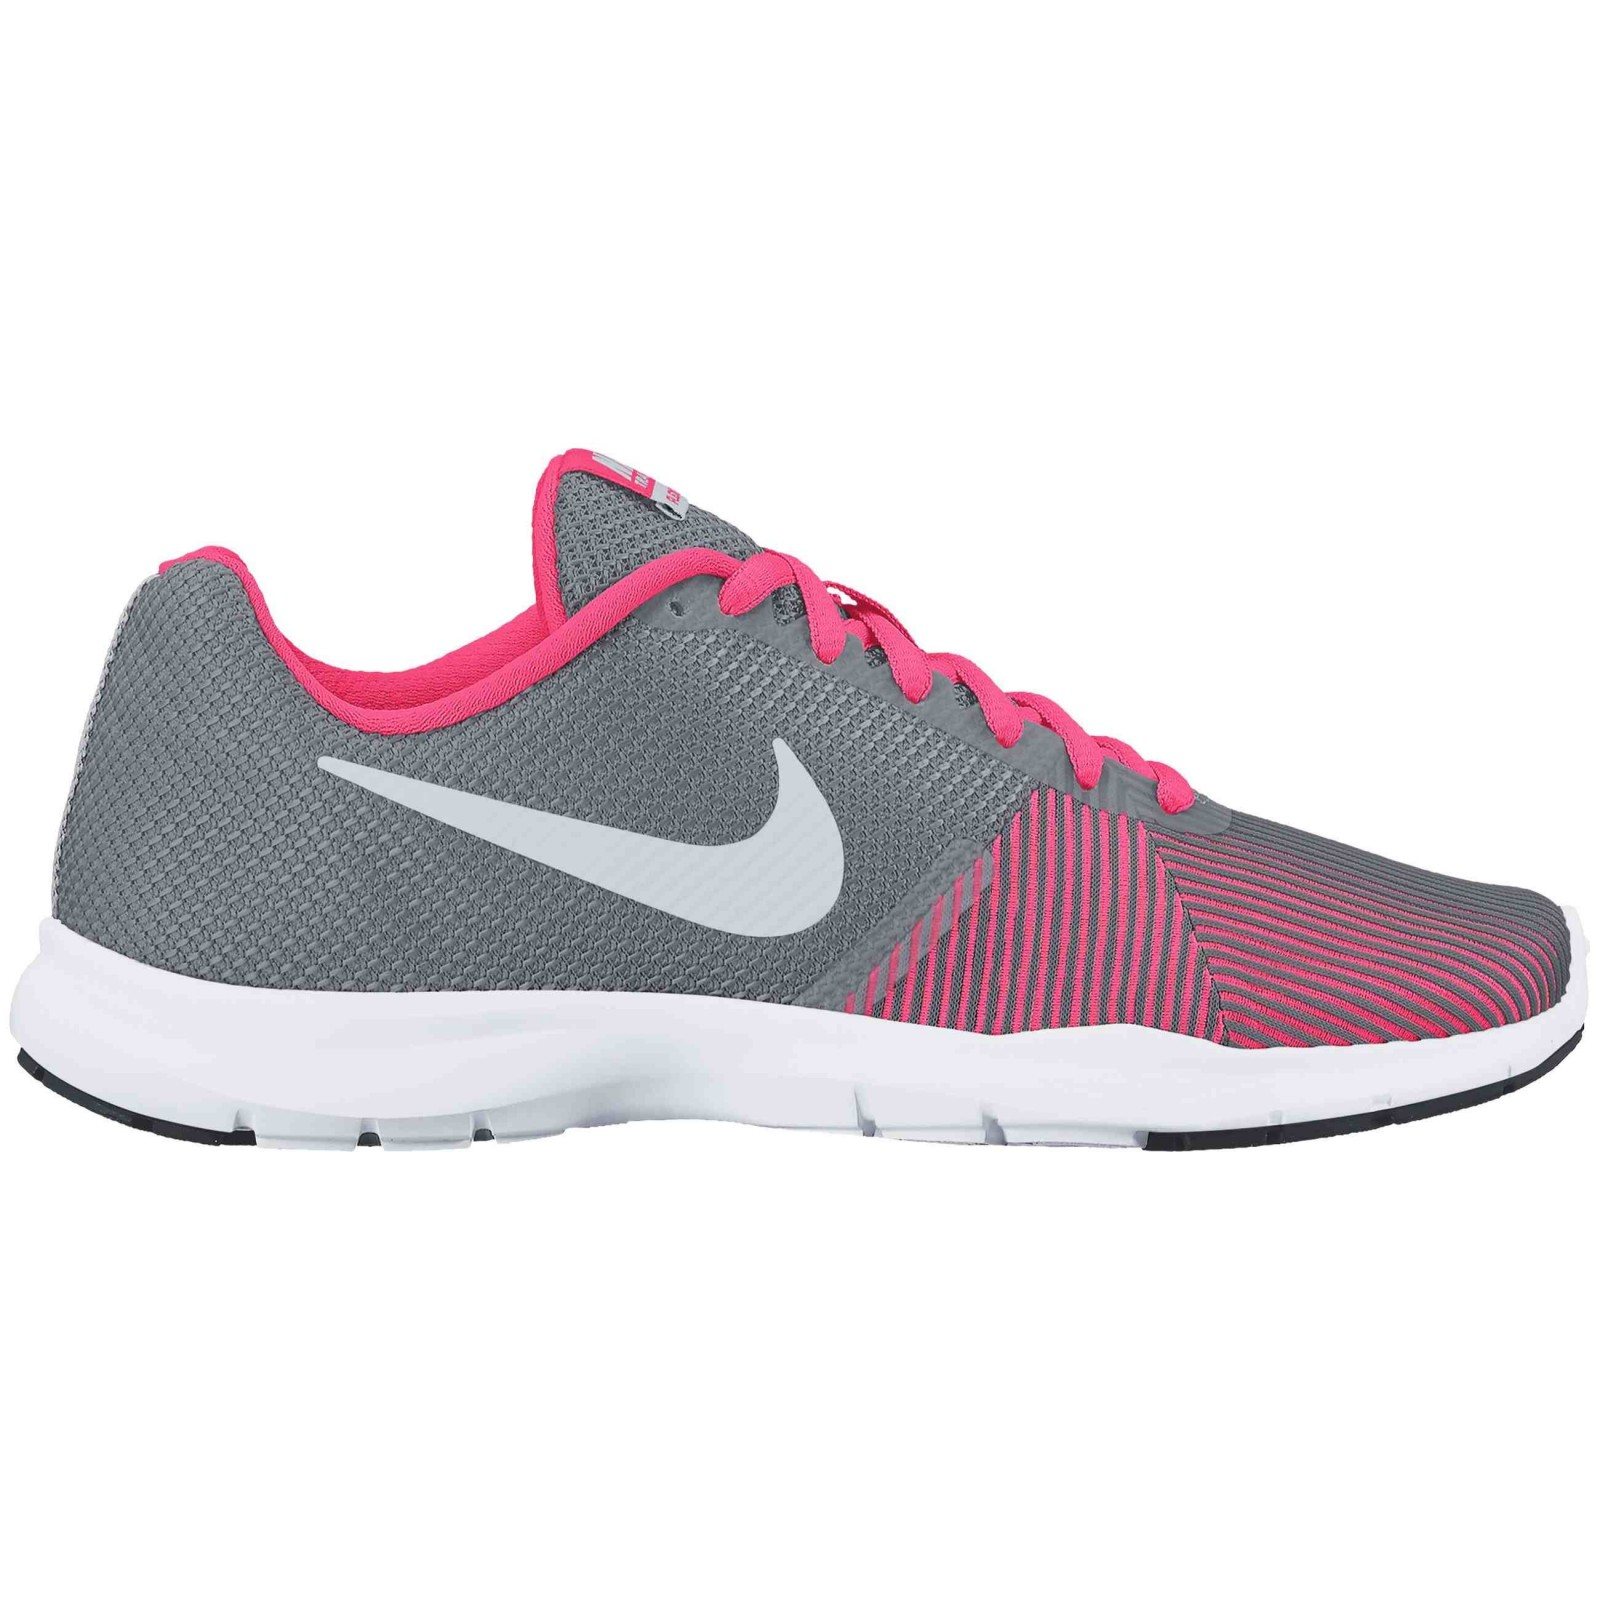 Dámské fitness boty Nike WMNS FLEX BIJOUX  c93ba051822